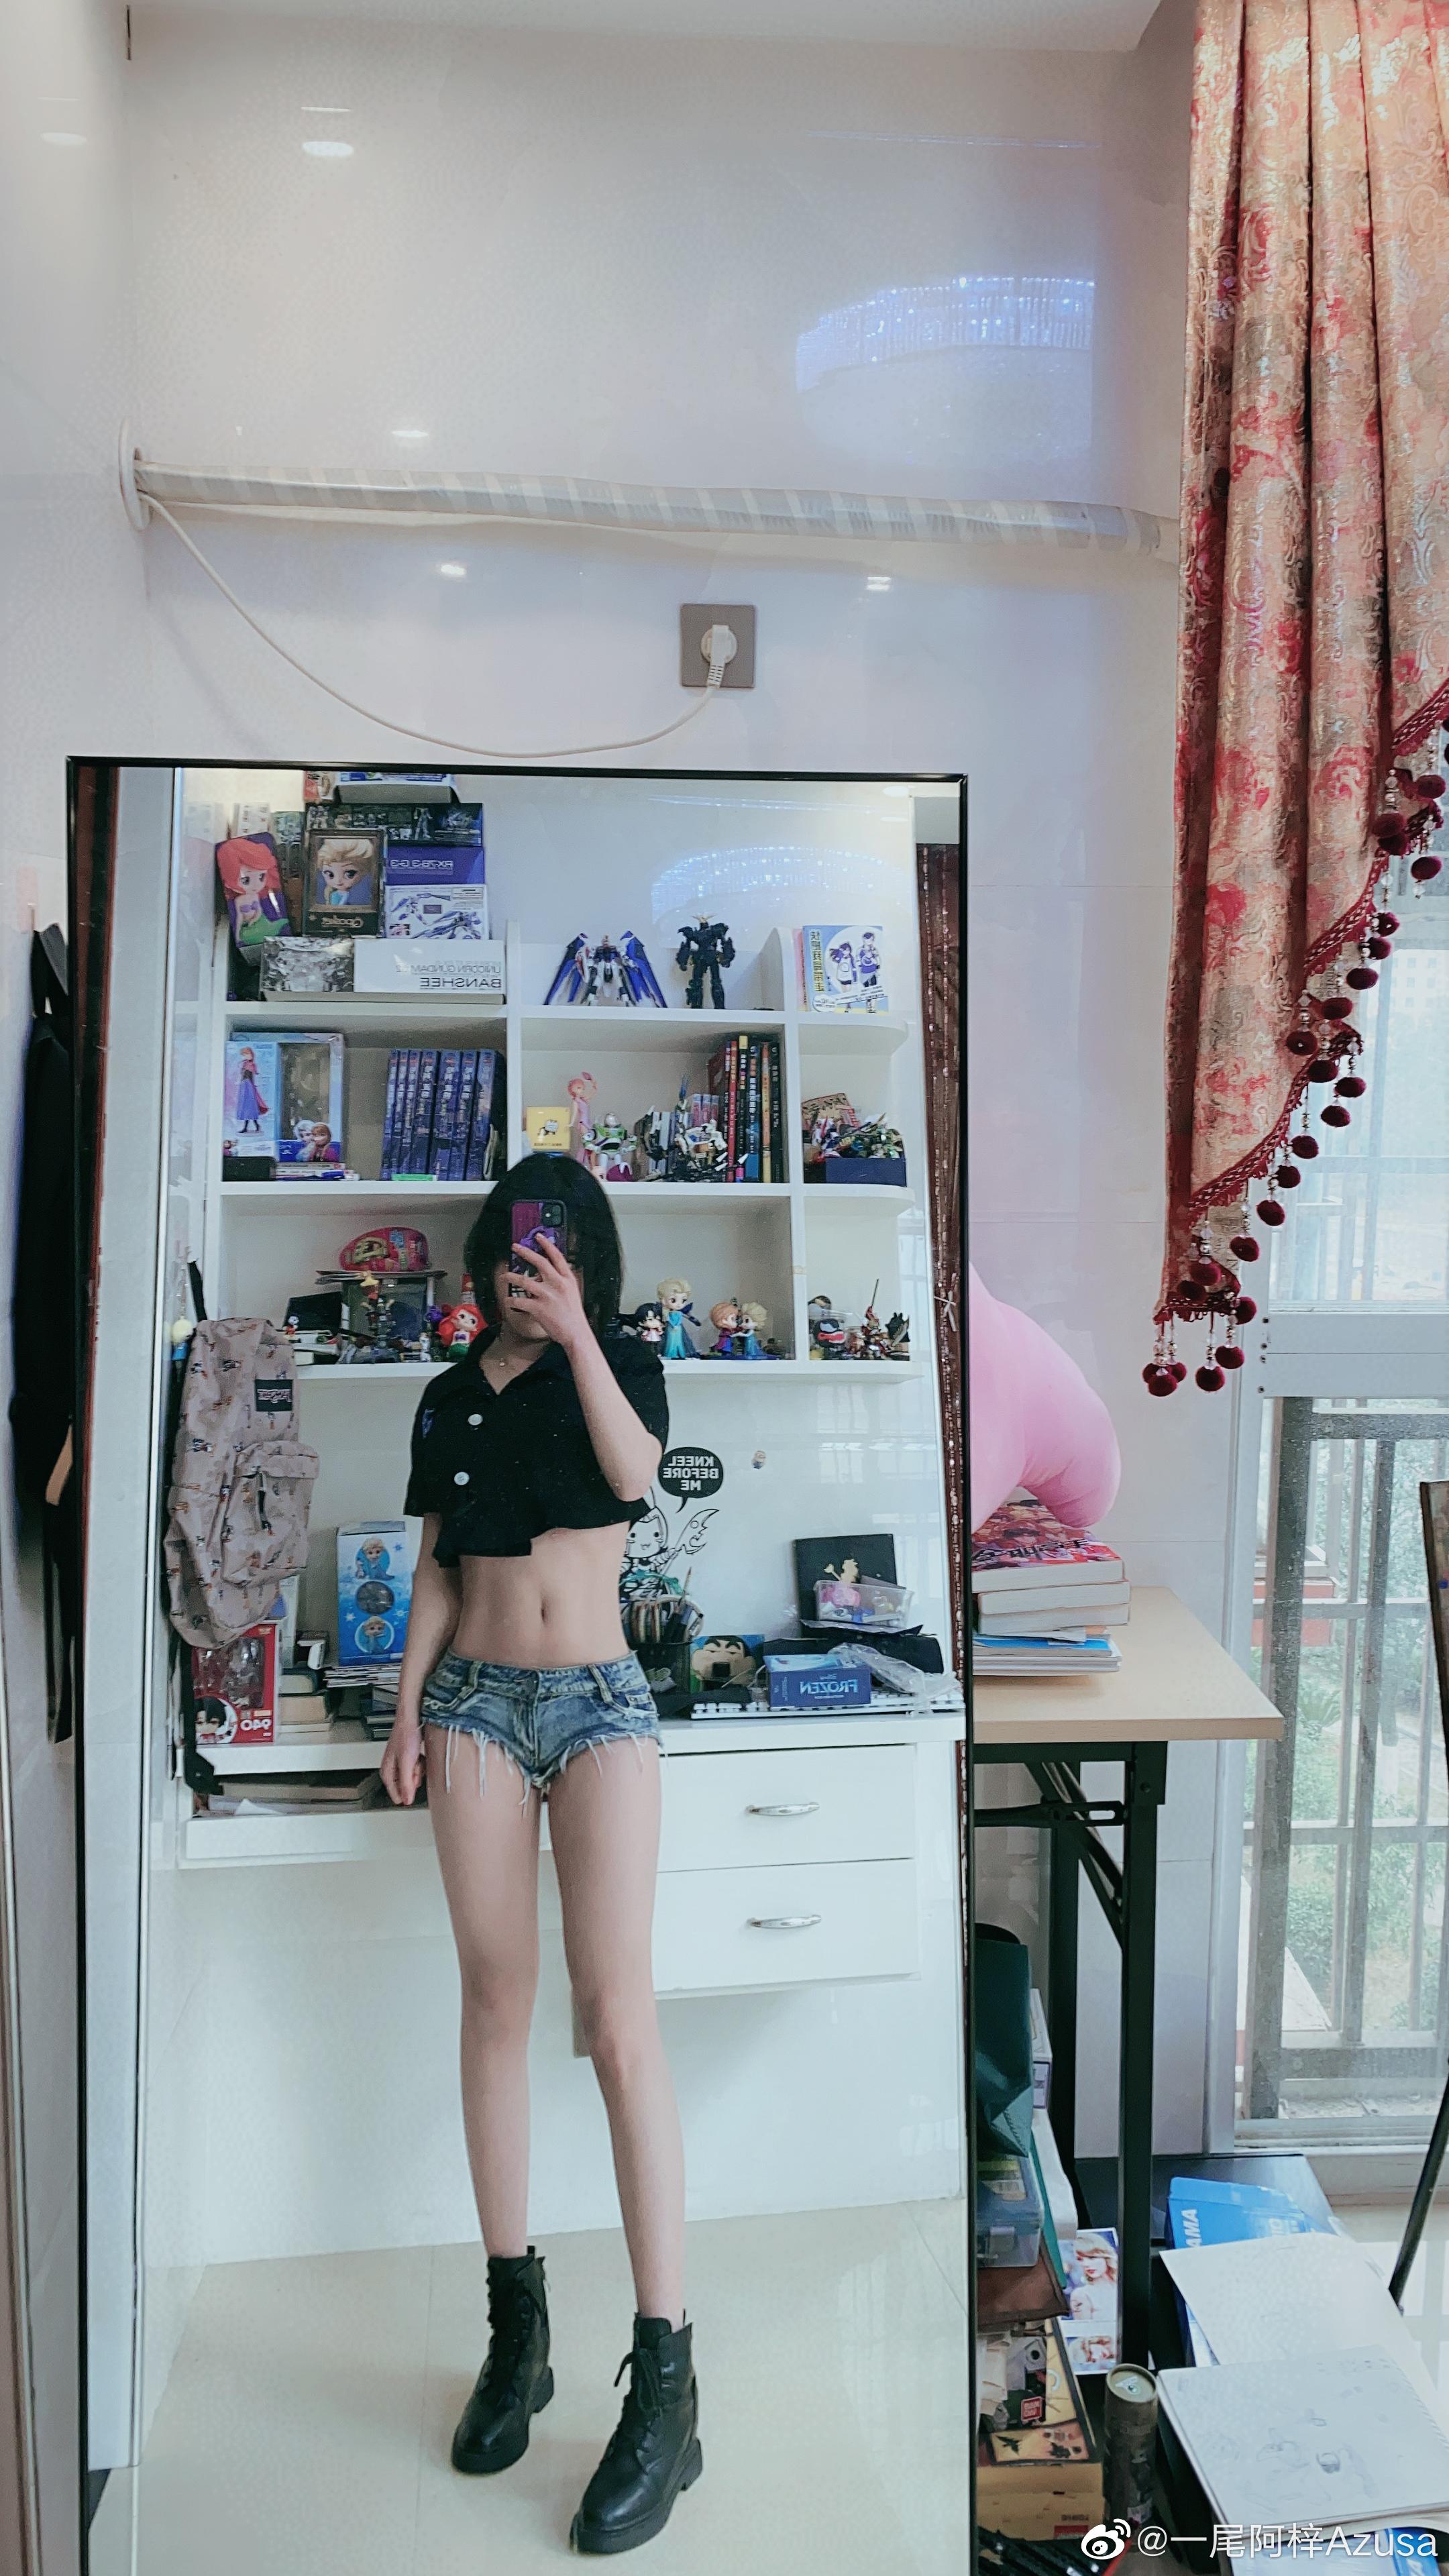 大家好,我是阿梓家的镜子(14P)